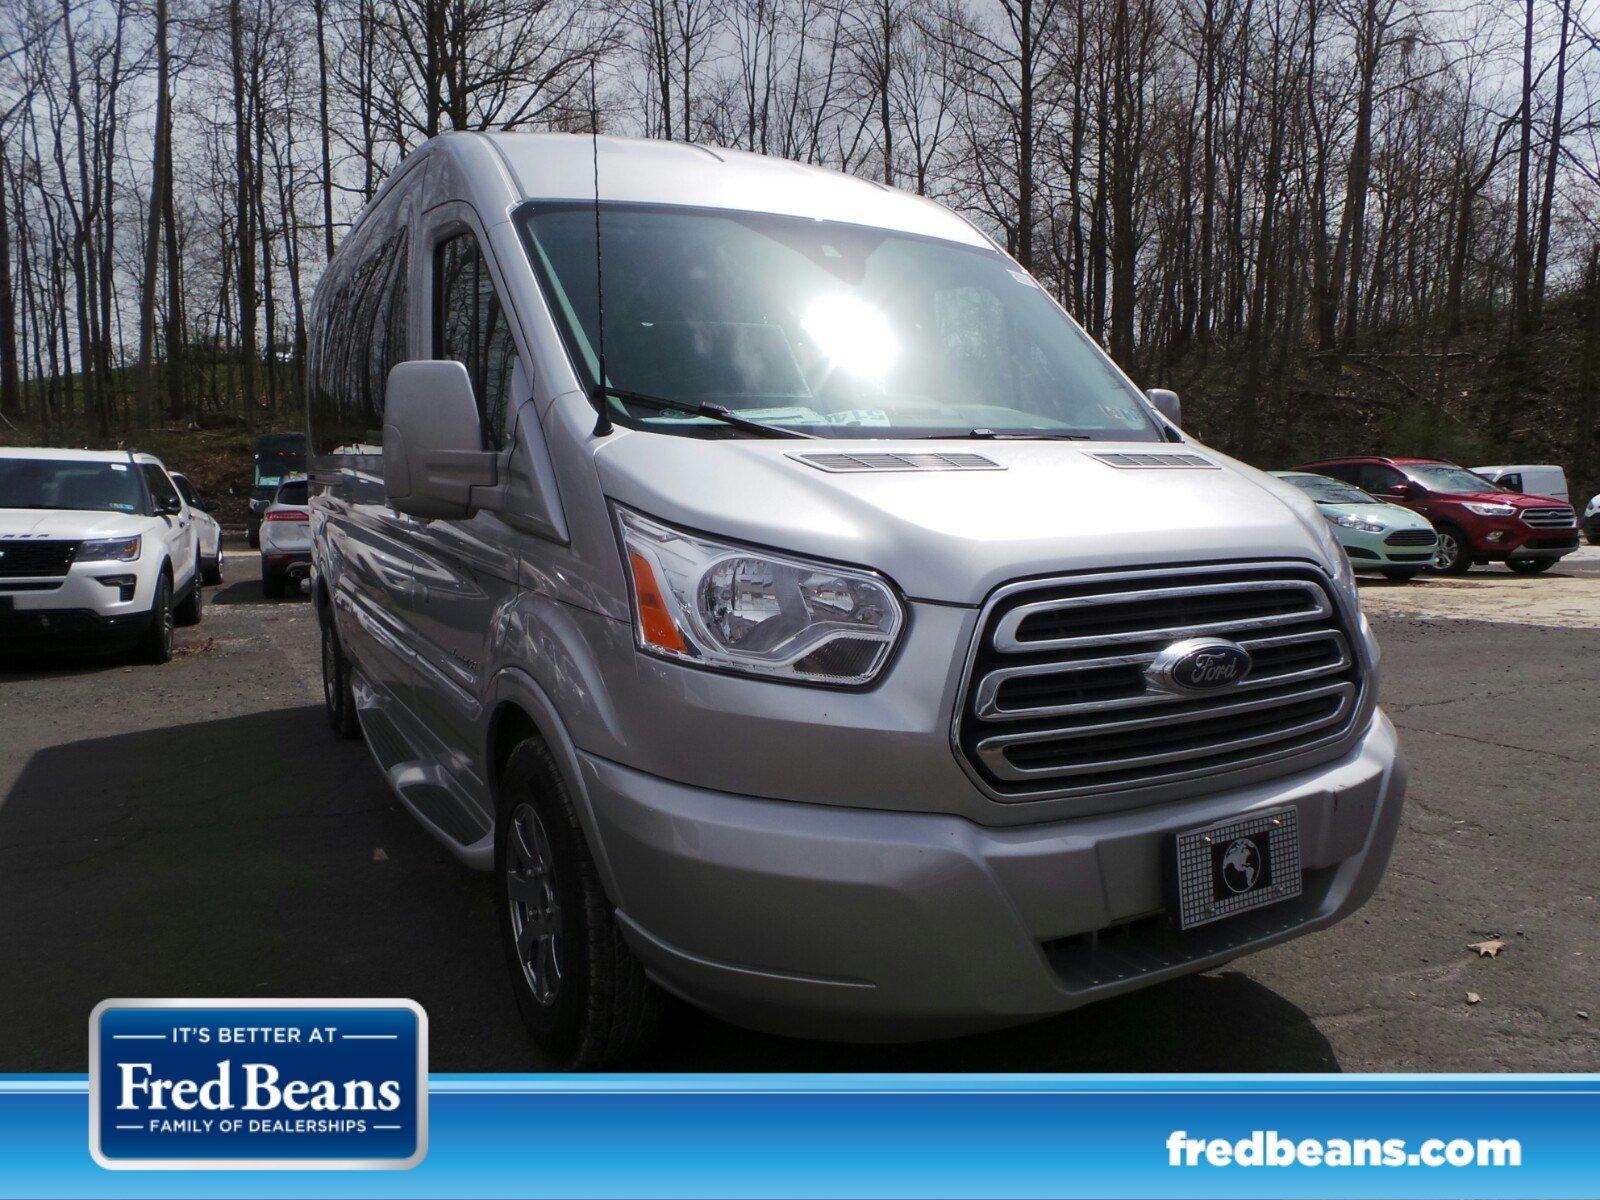 2018 Ford Transit-250 9-Passenger Mid-Roof Explorer Limited SE High Top Van